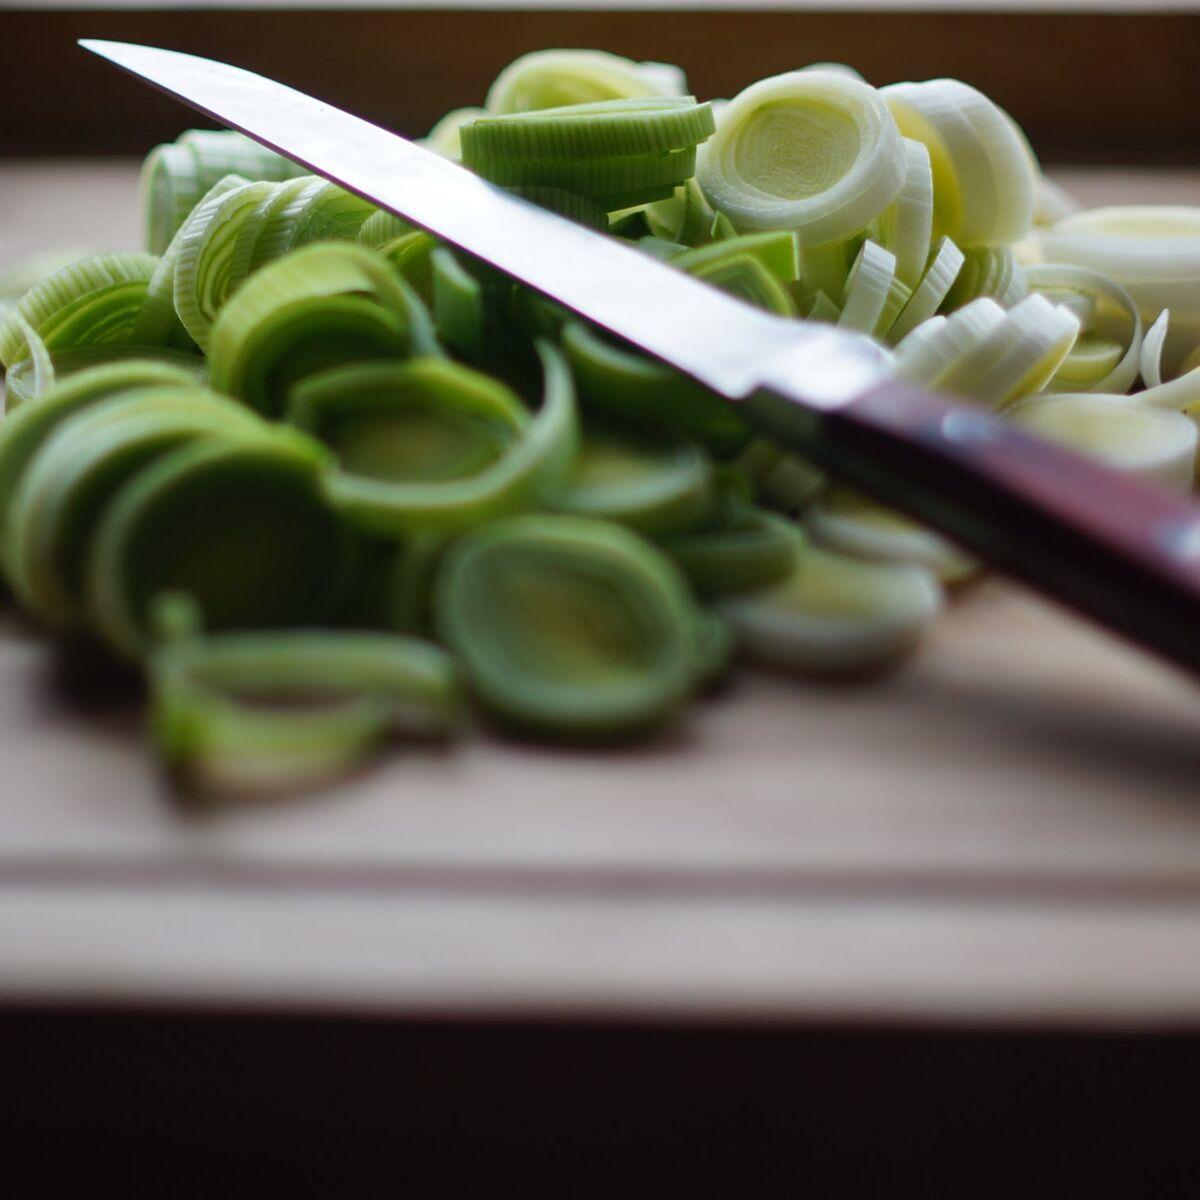 comment couper et eplucher un poireau